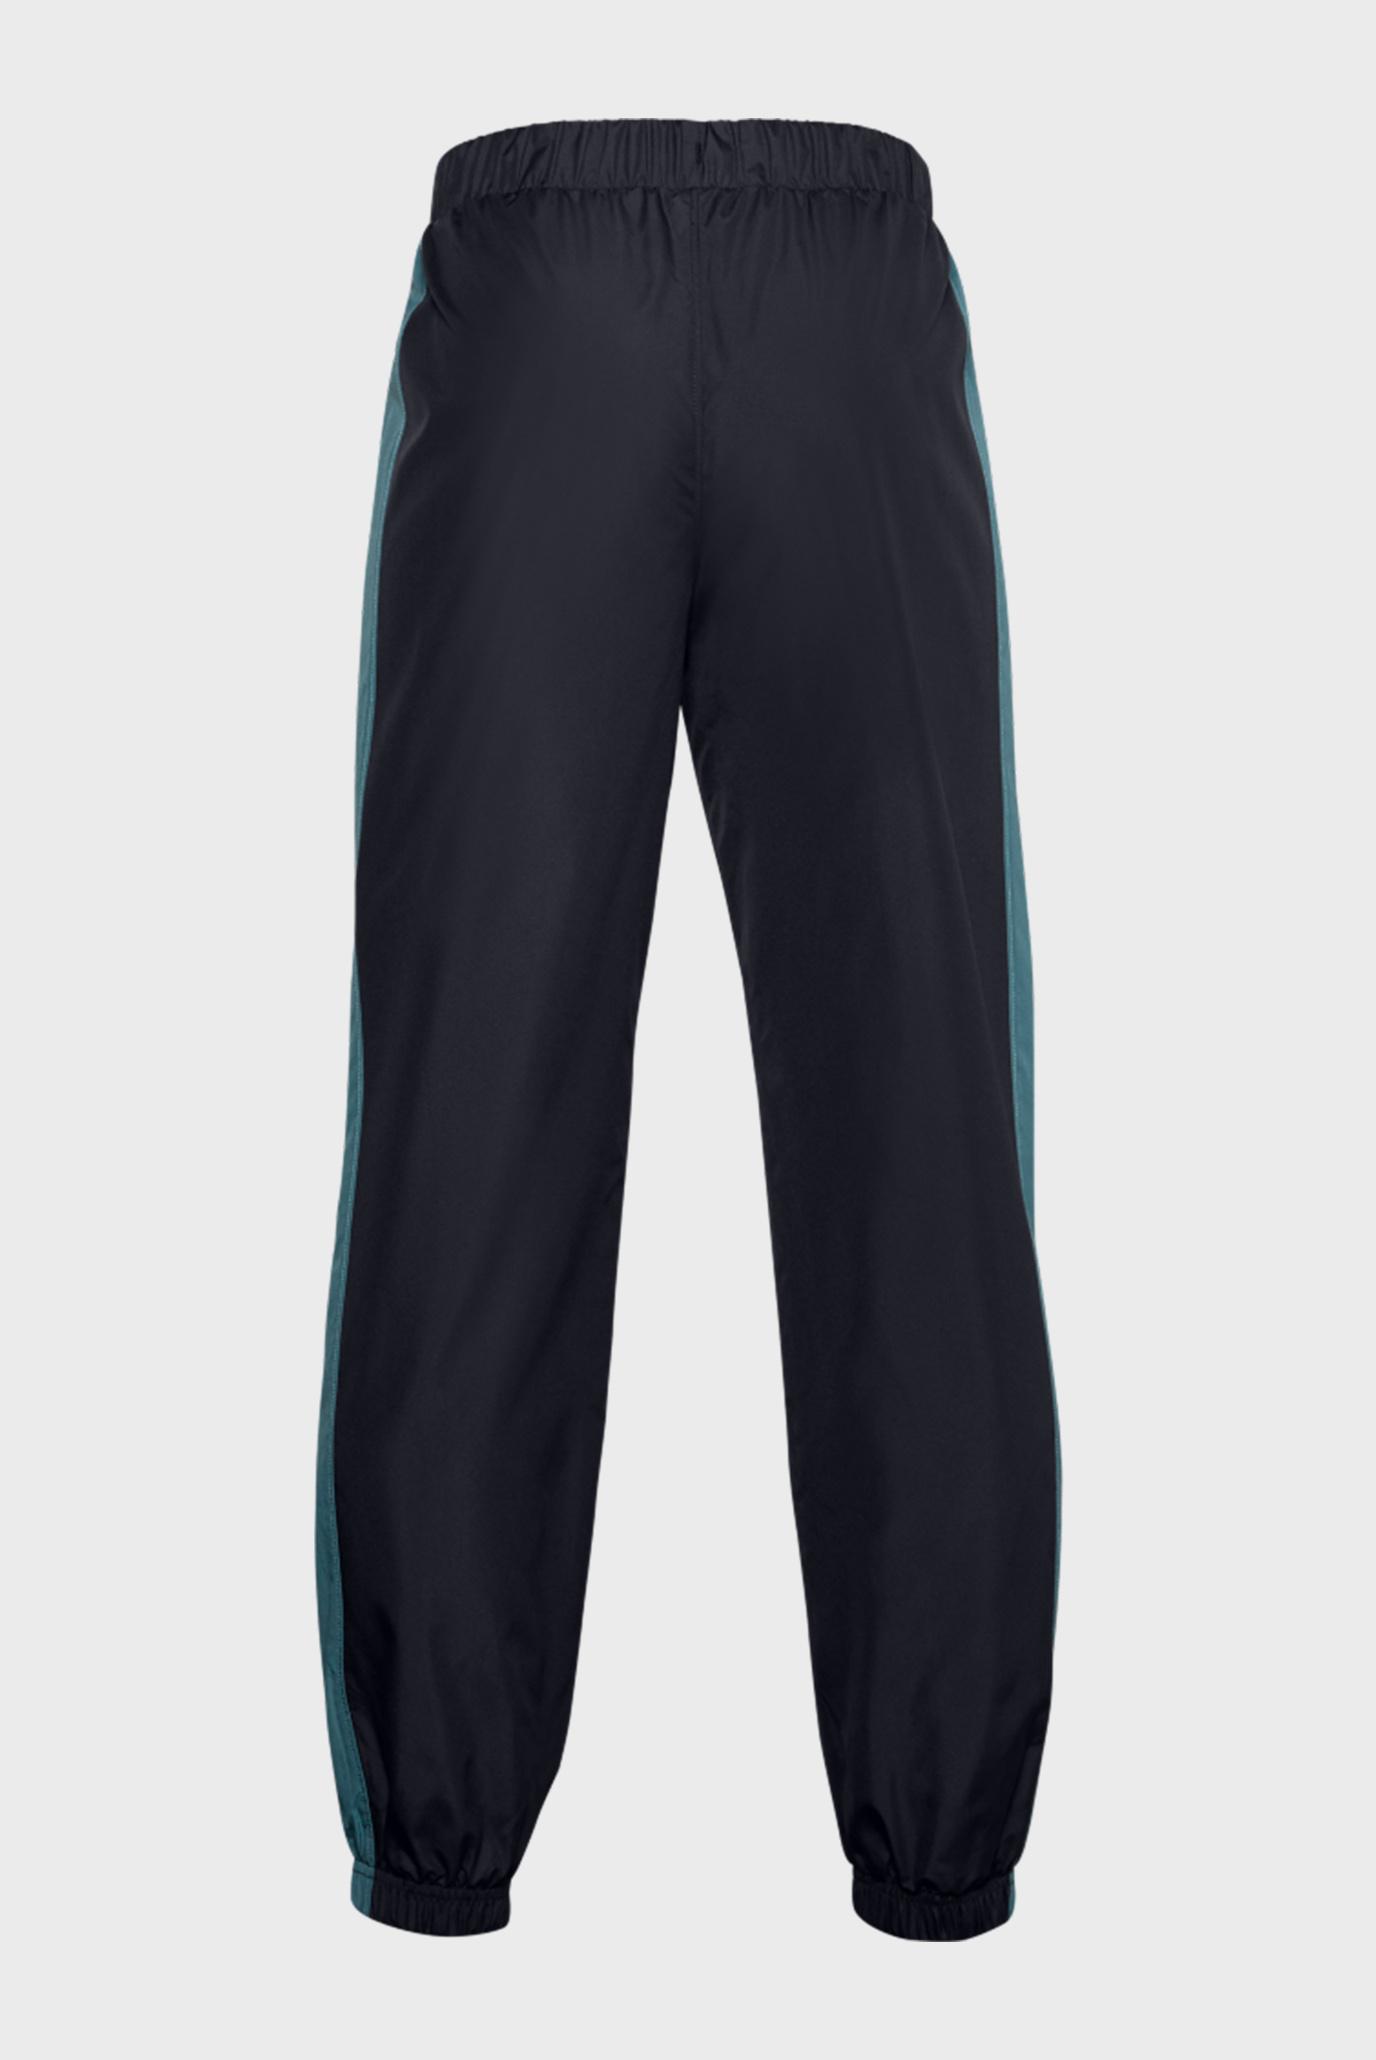 Детские спортивные брюки UA Mesh Lined Pants-BLK Under Armour